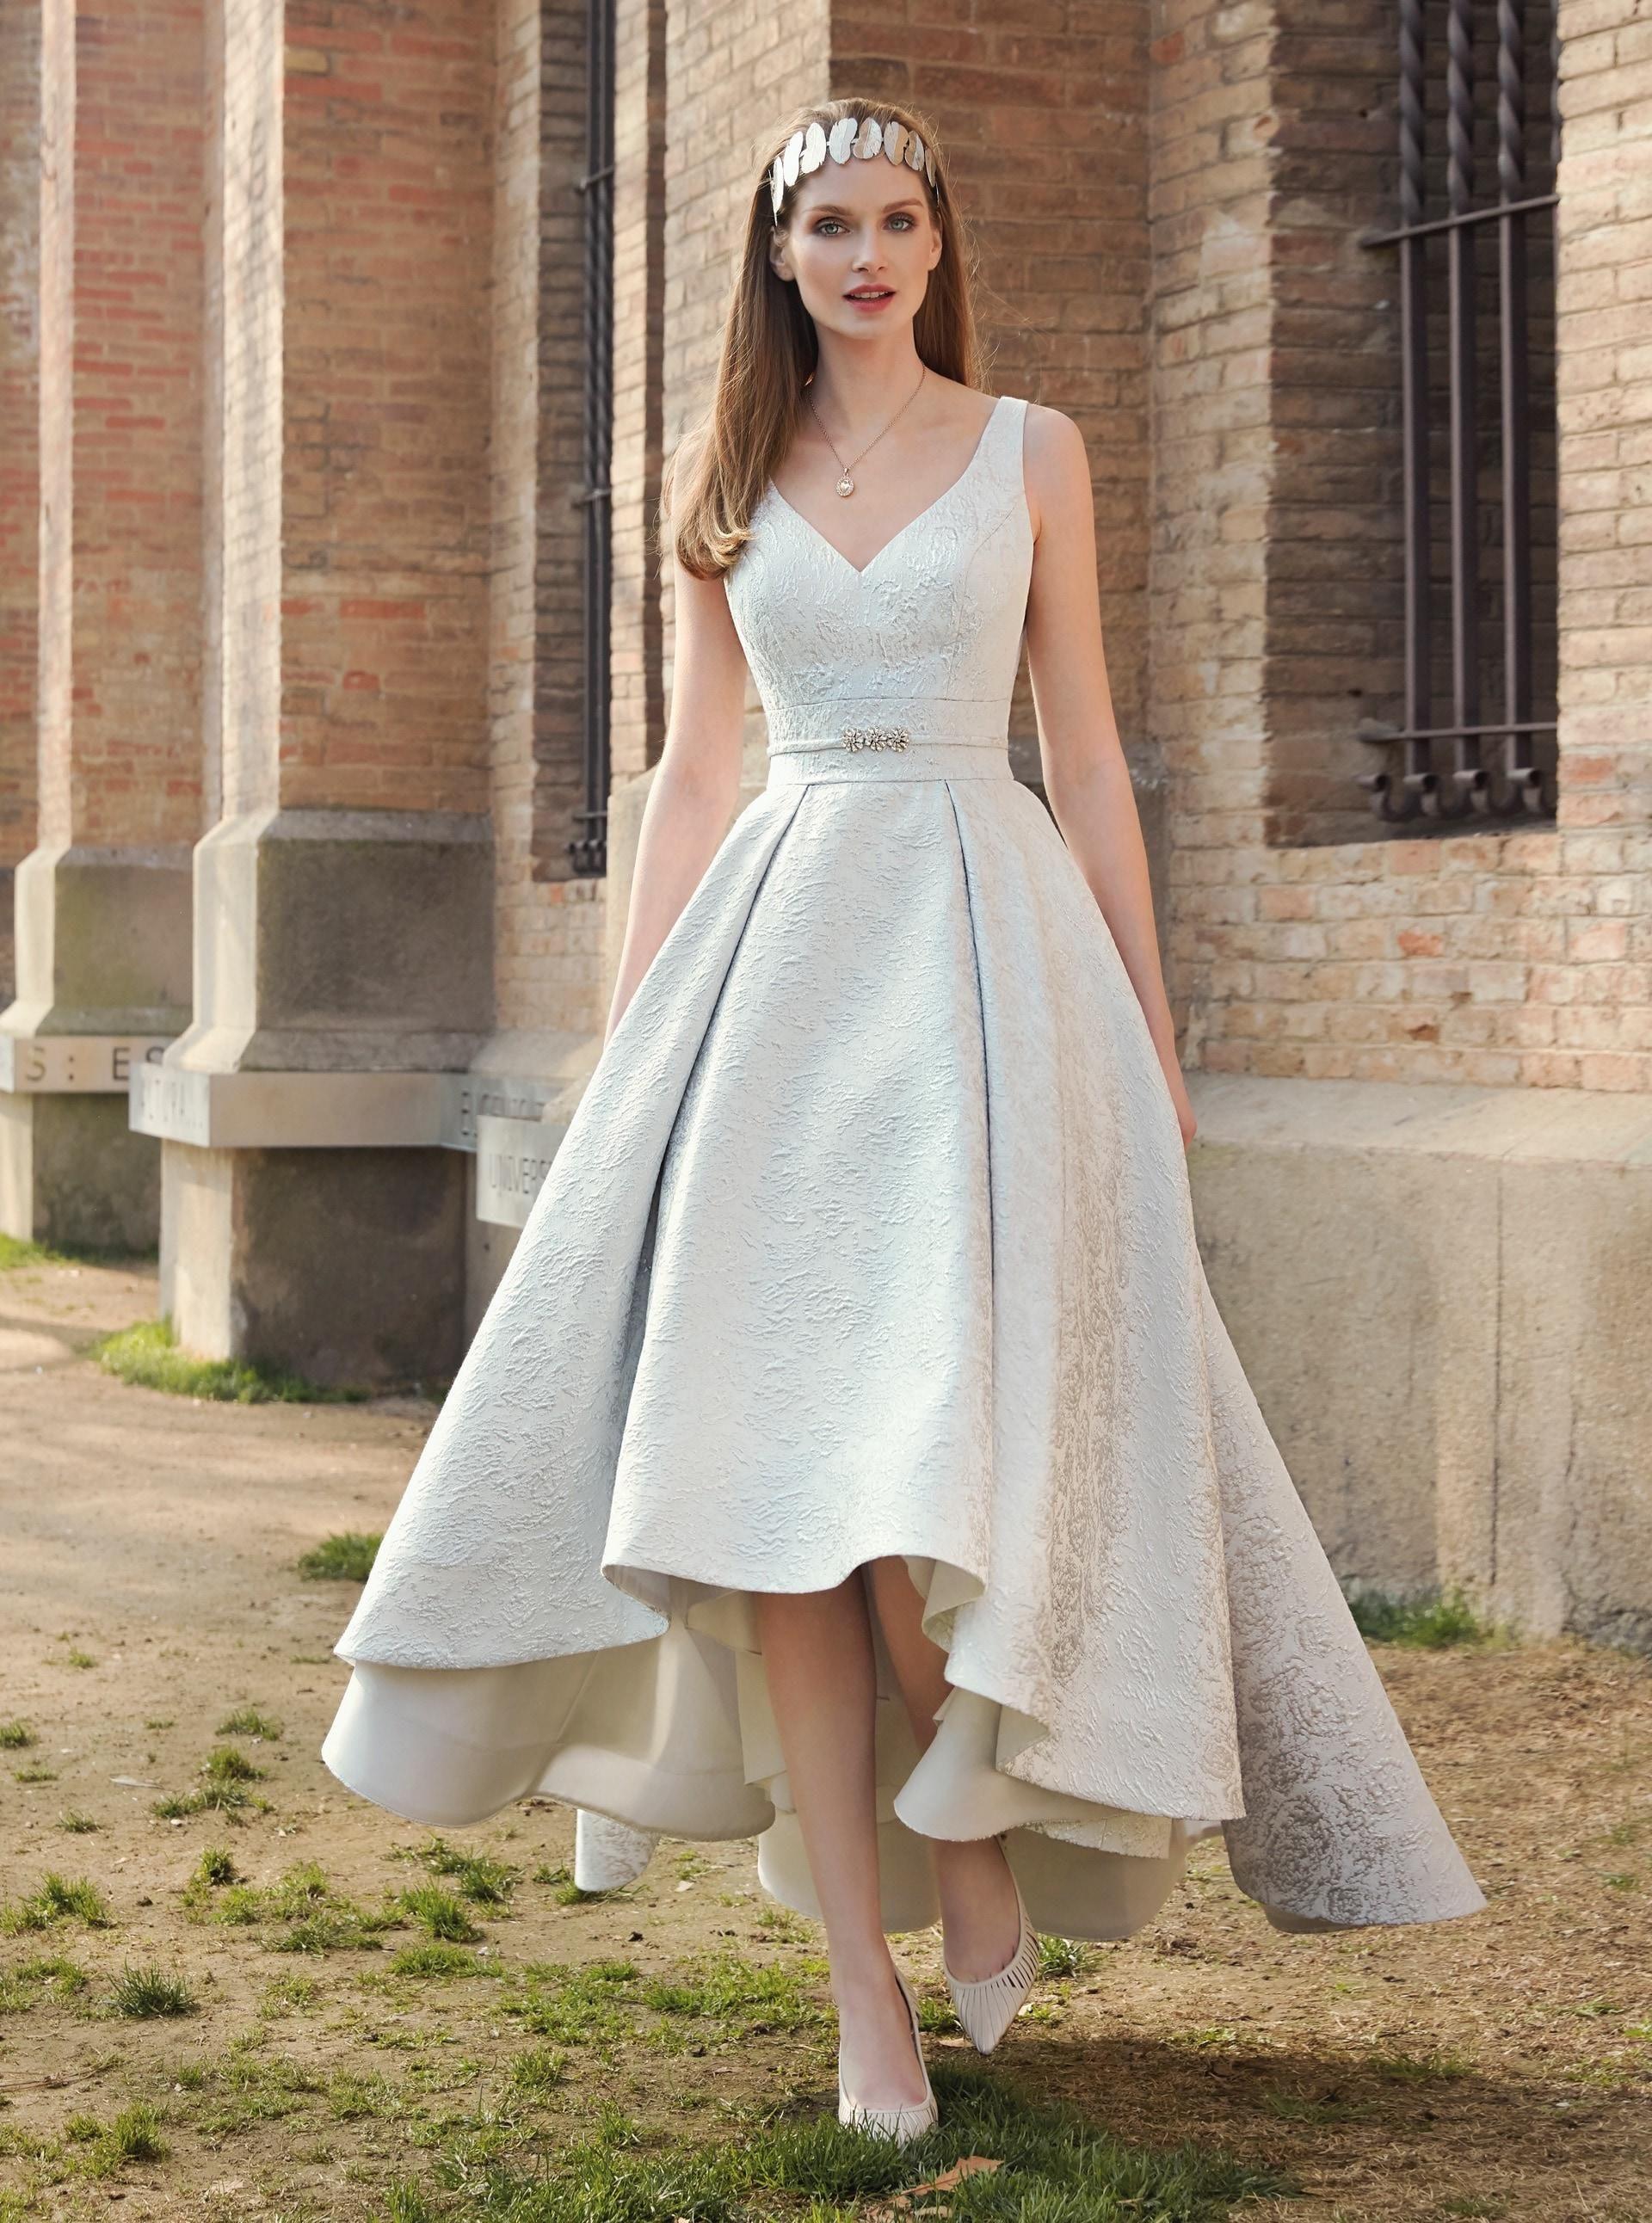 Standesamtkleider - aktuelle Kleider für Braut & Hochzeitsgäste in